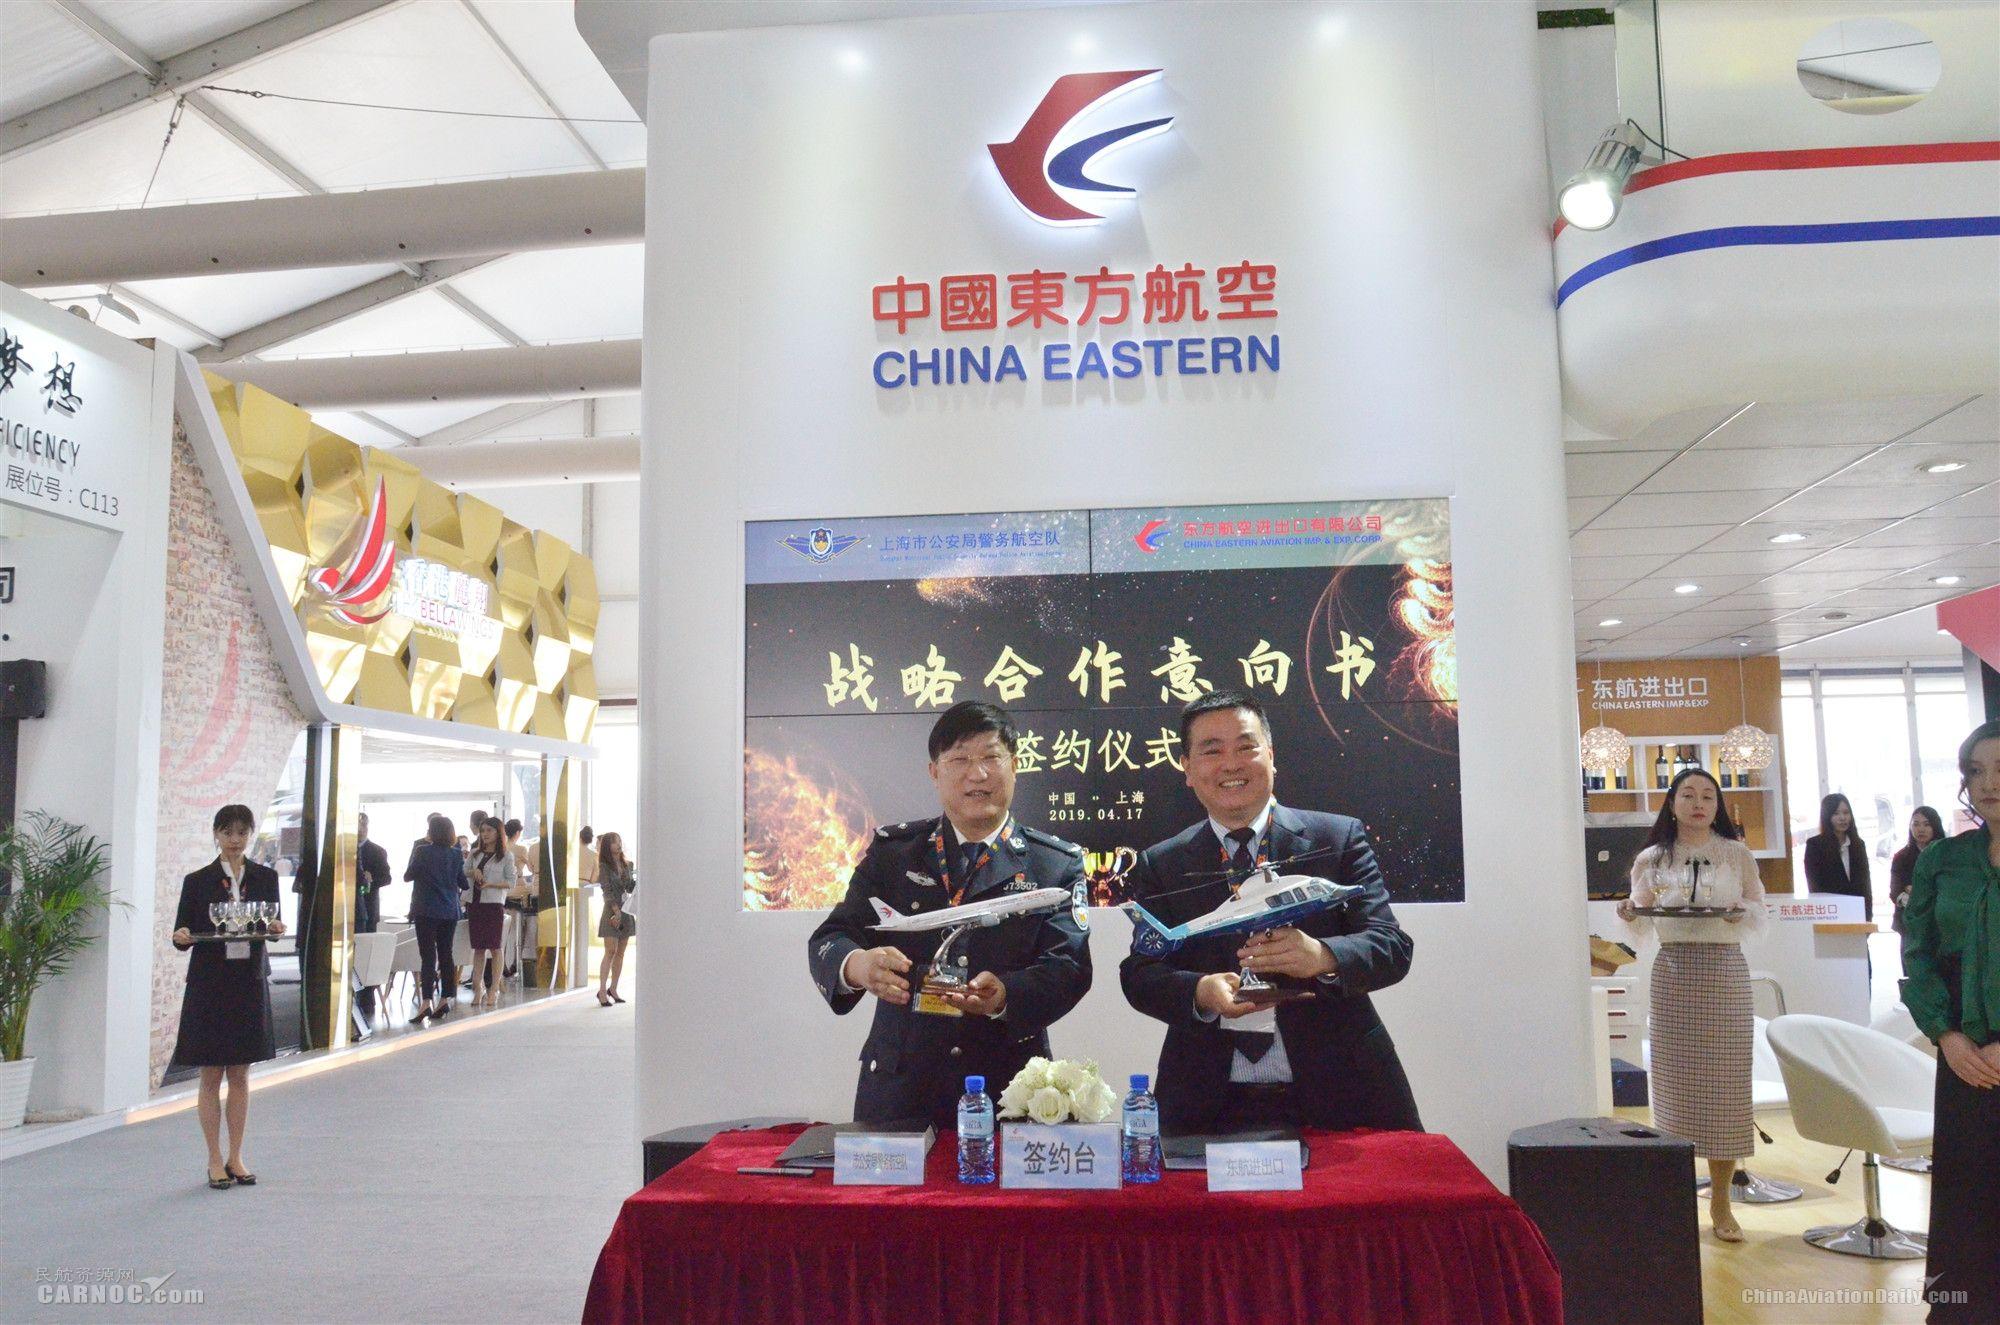 上海警务航空队与东航进出口签订战略合作意向书